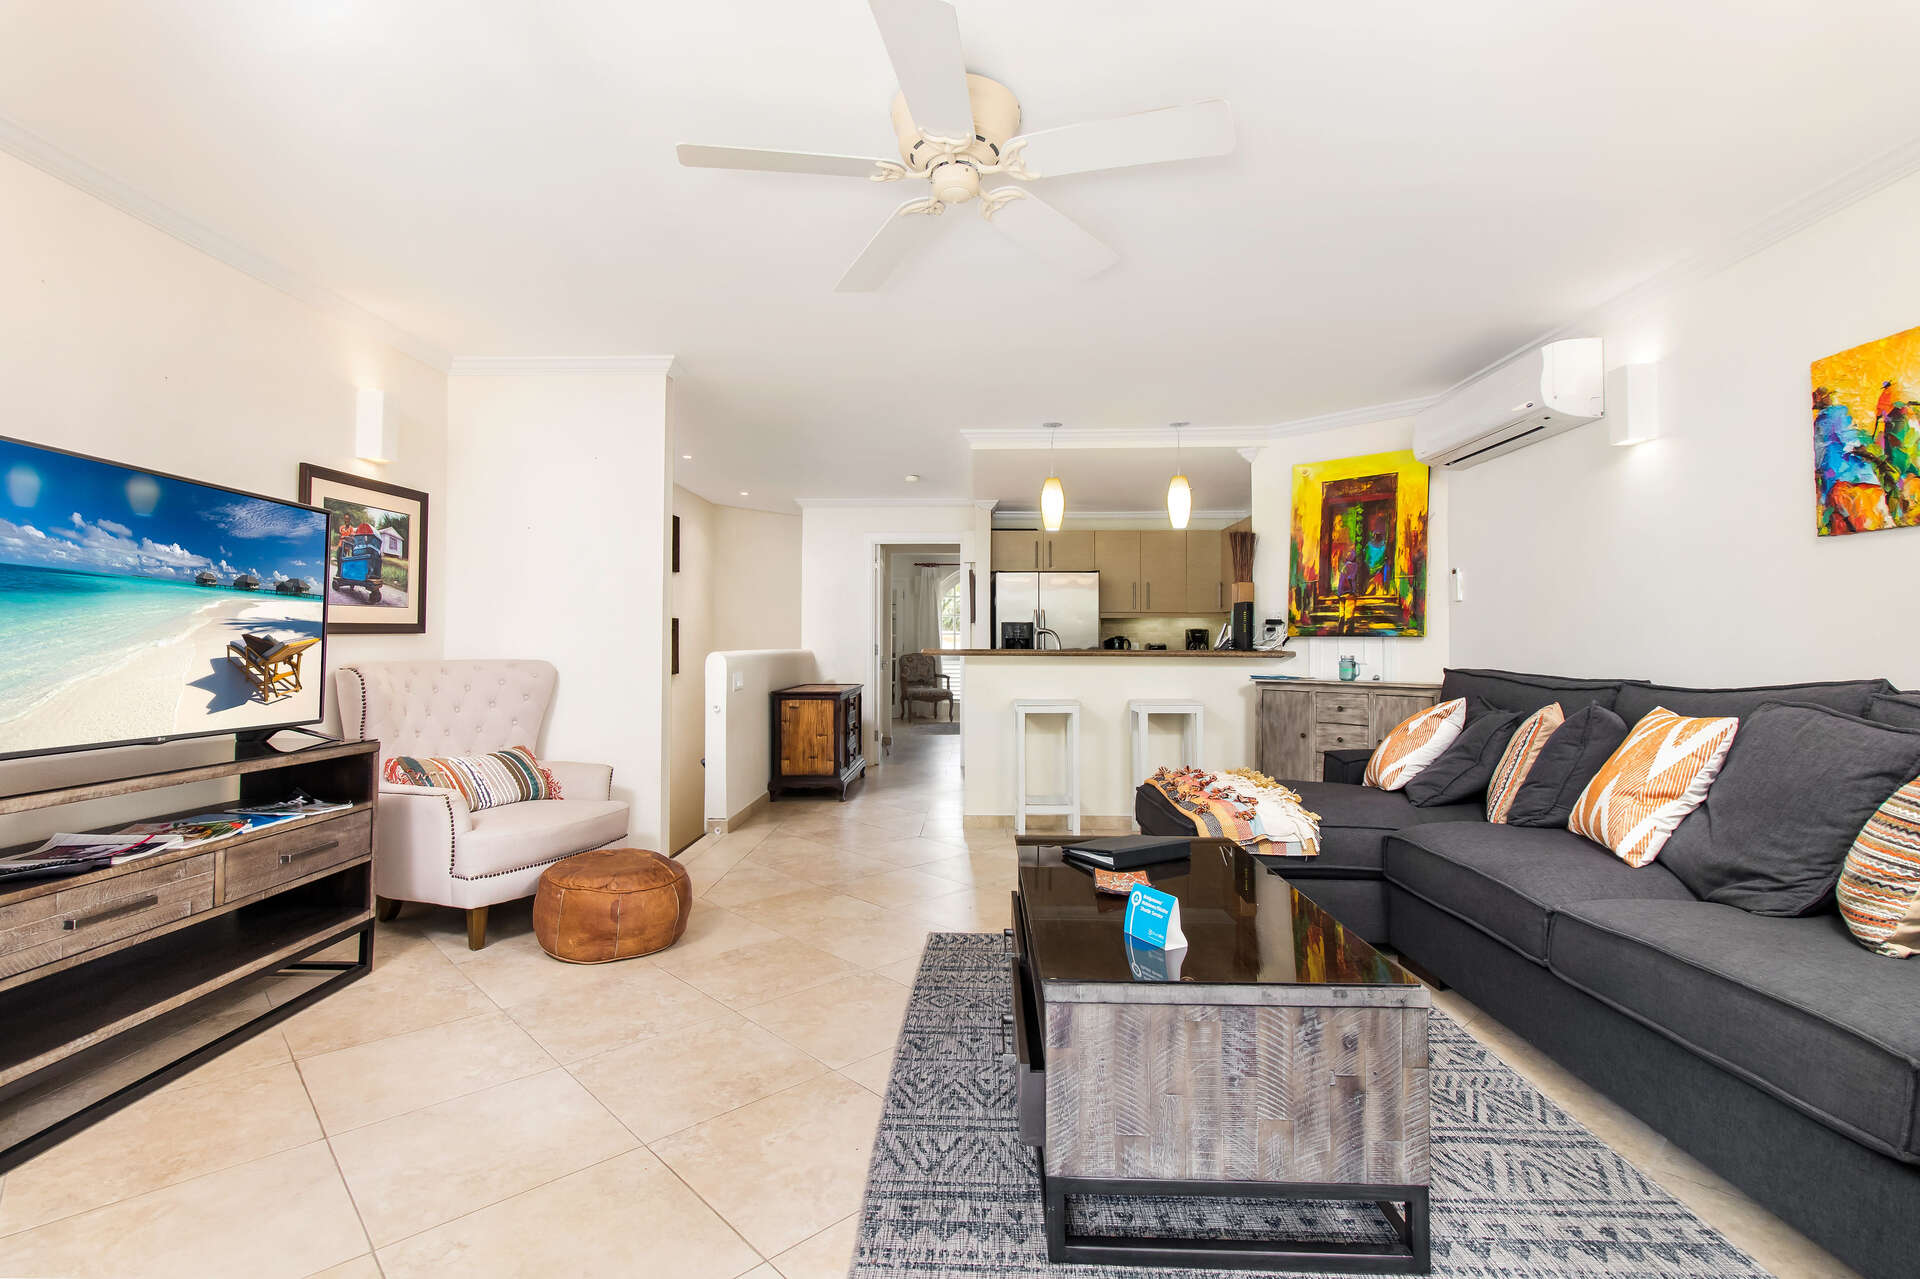 Luxury villa rentals caribbean - Barbados - Christ church - Sapphire beach condos - Sapphire Beach 102 - Image 1/14